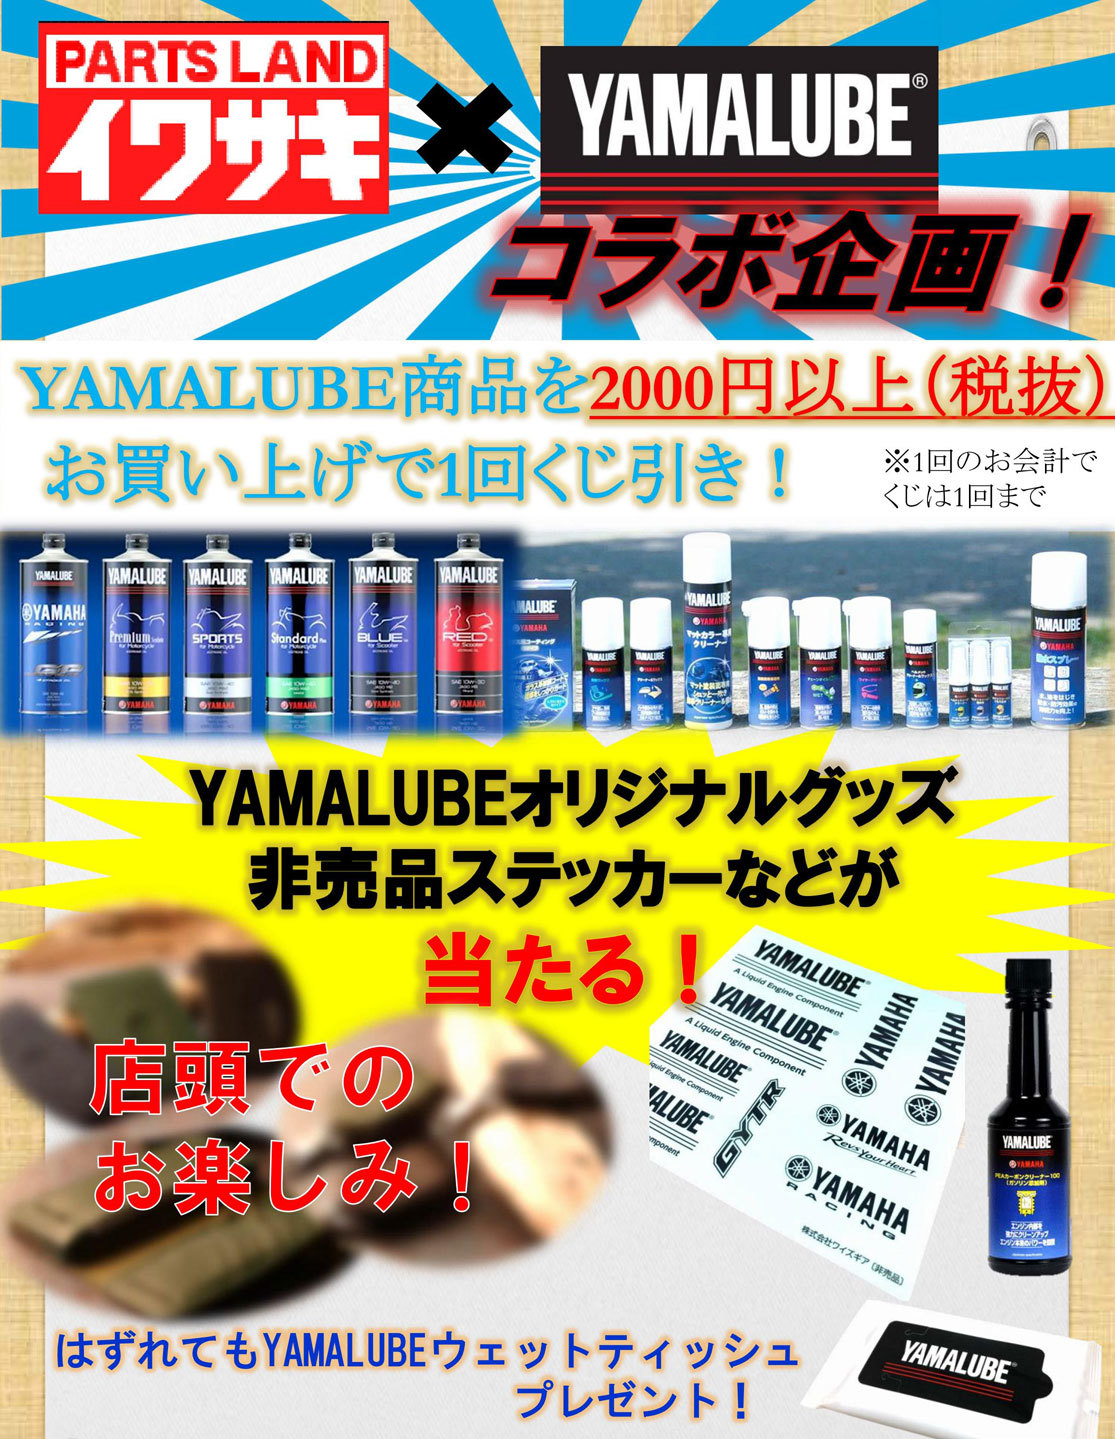 イワサキ x YAMALUBE コラボキャンペーン開催!!_b0163075_19062158.jpg